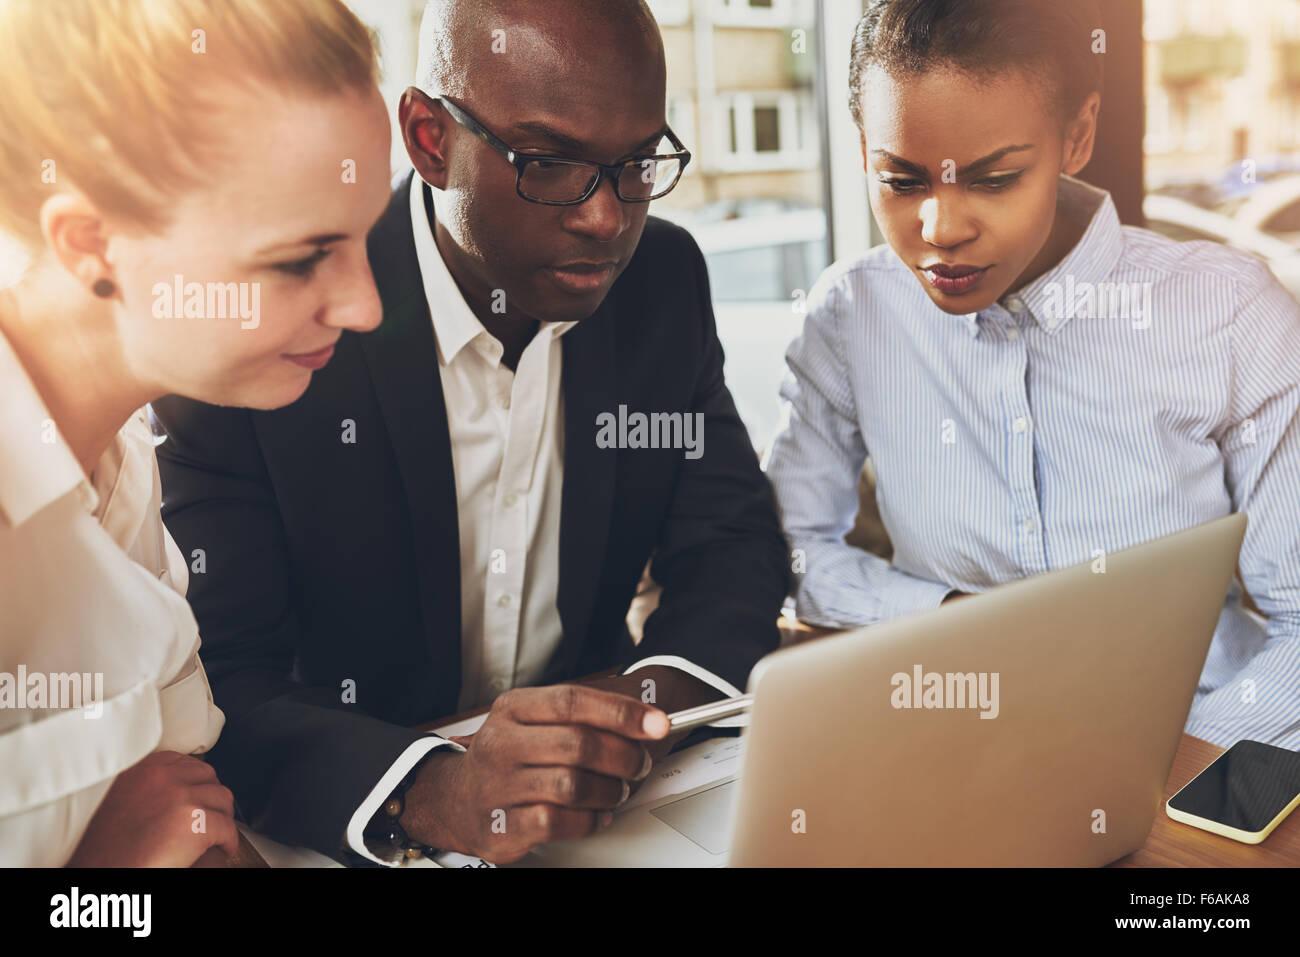 Varios negocios étnicos personas trabajando en la oficina sentado delante de un ordenador portátil, negro mujer de negocios, mujer de negocios blanco Foto de stock